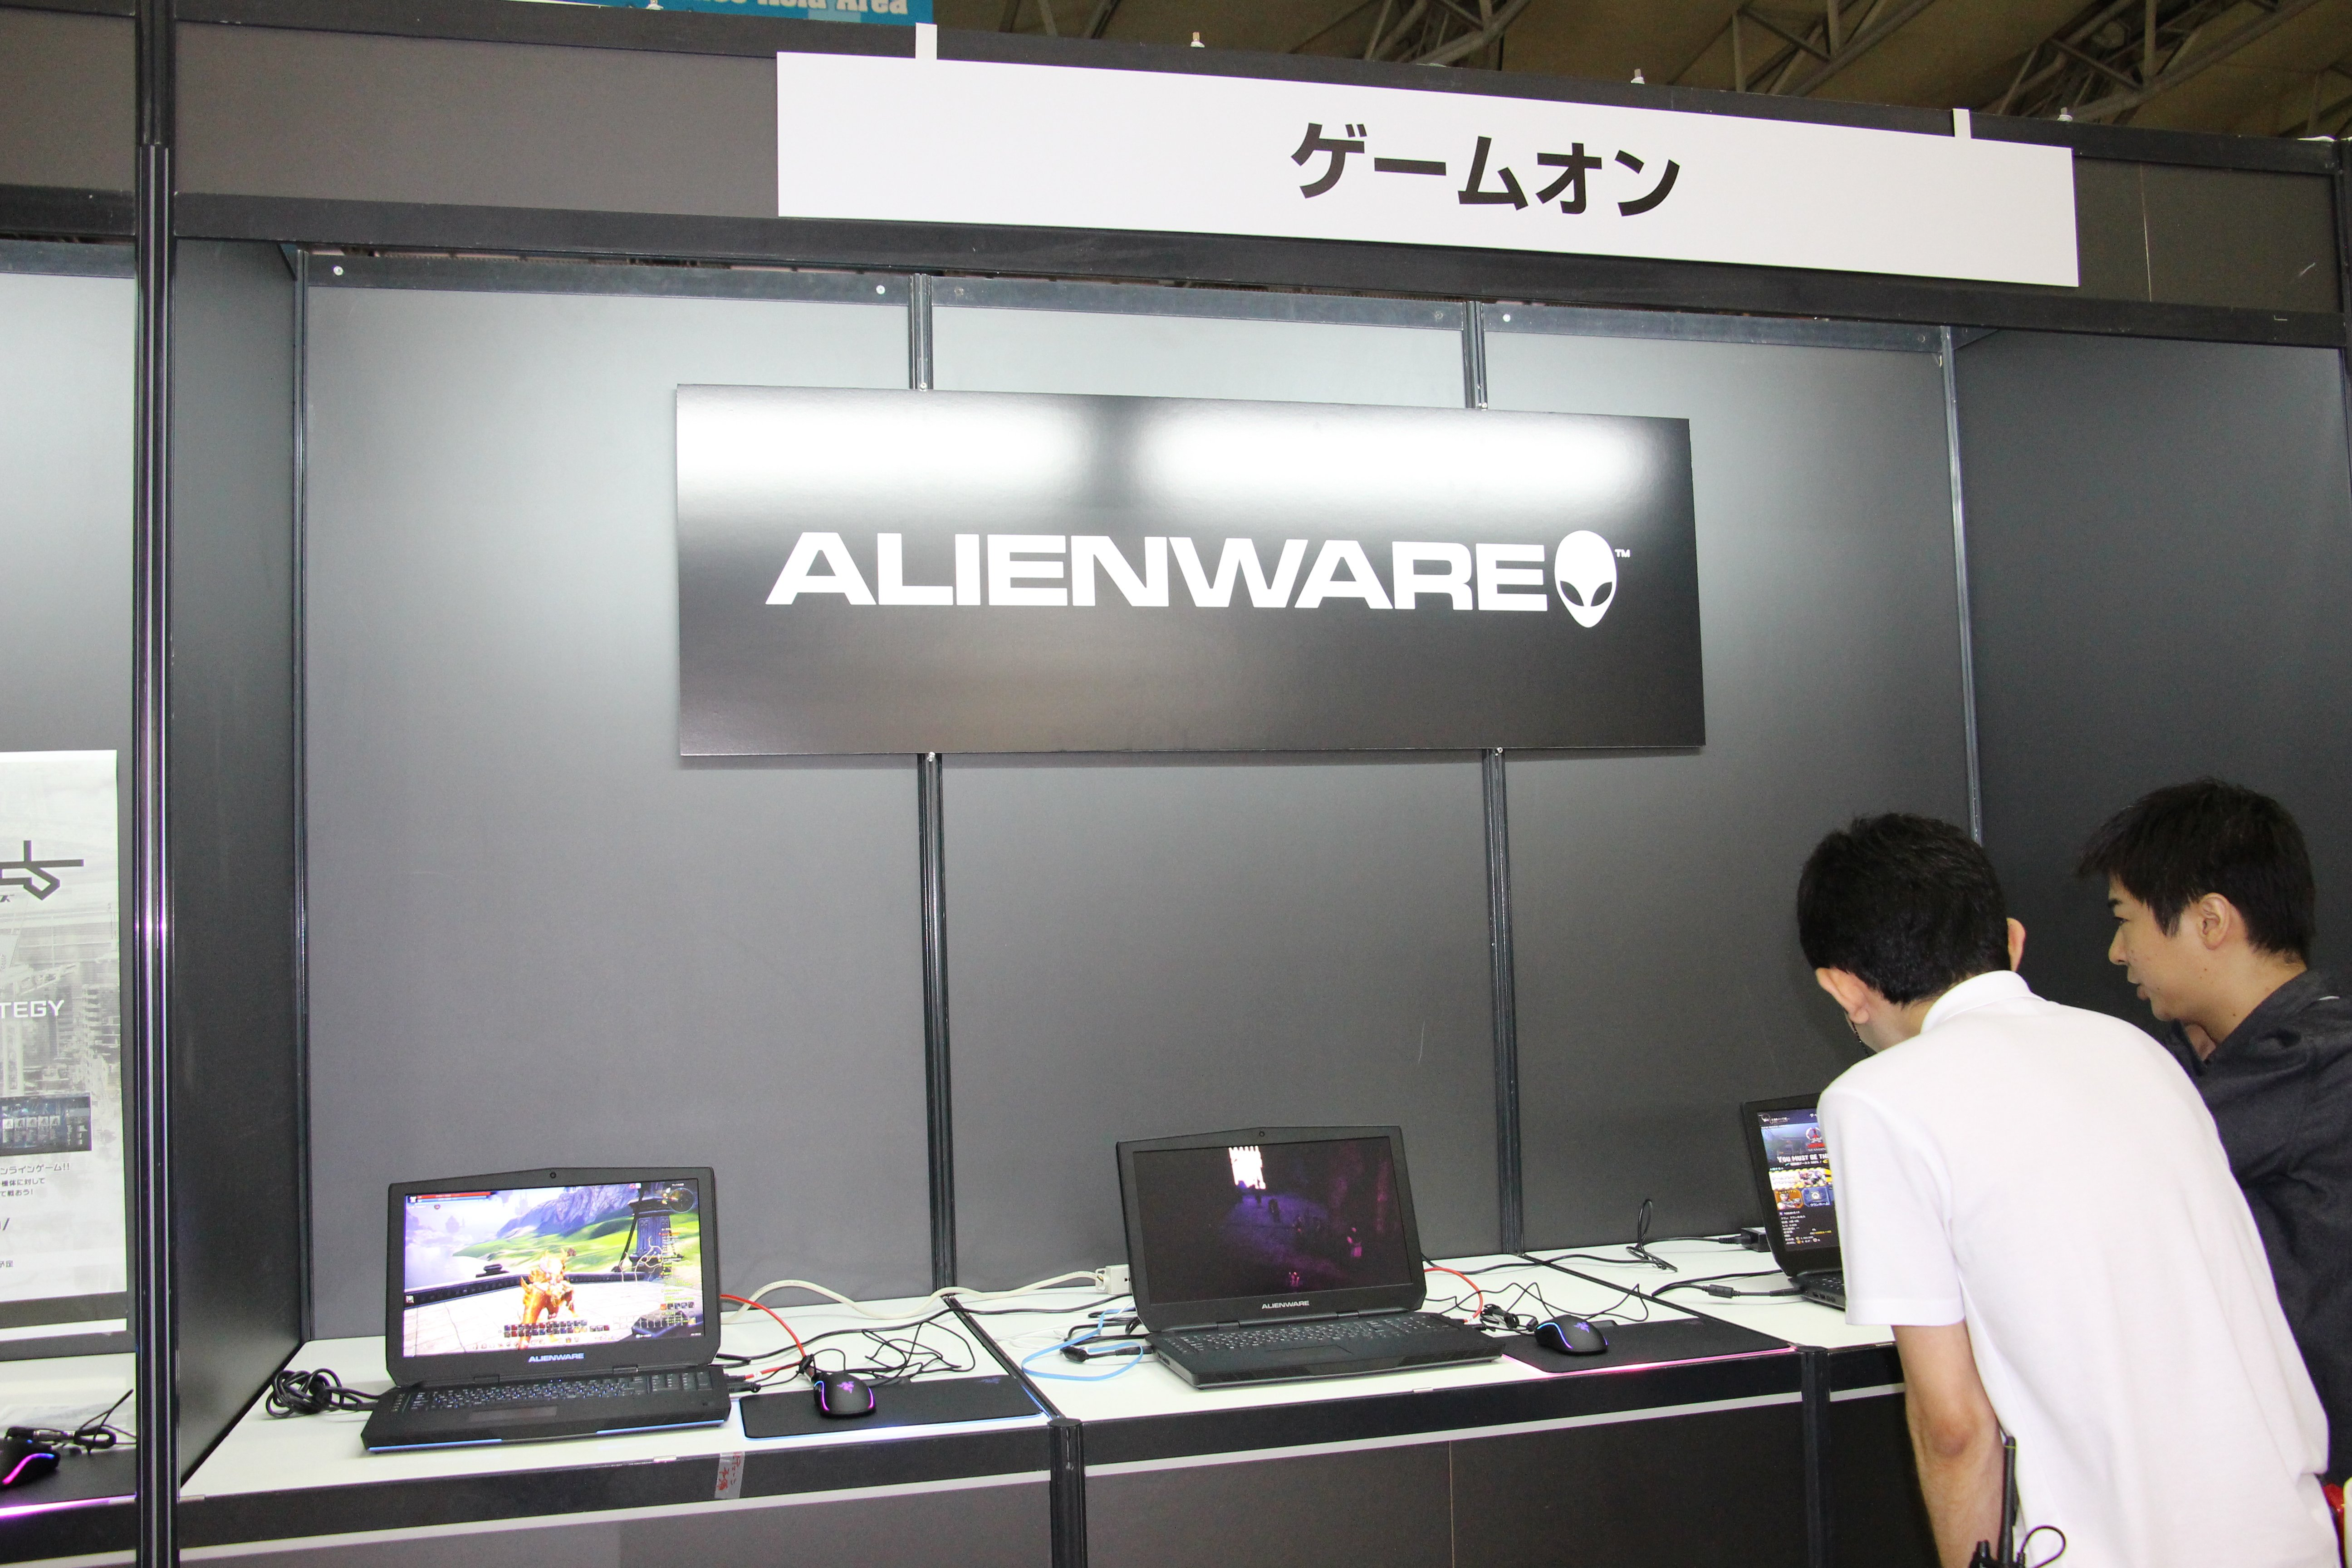 サイバーゲームズアジアの入り口エリアでは、ALIENWAREのゲーミングPCを使ったオンラインゲームメーカー各社の出展が行なわれていた